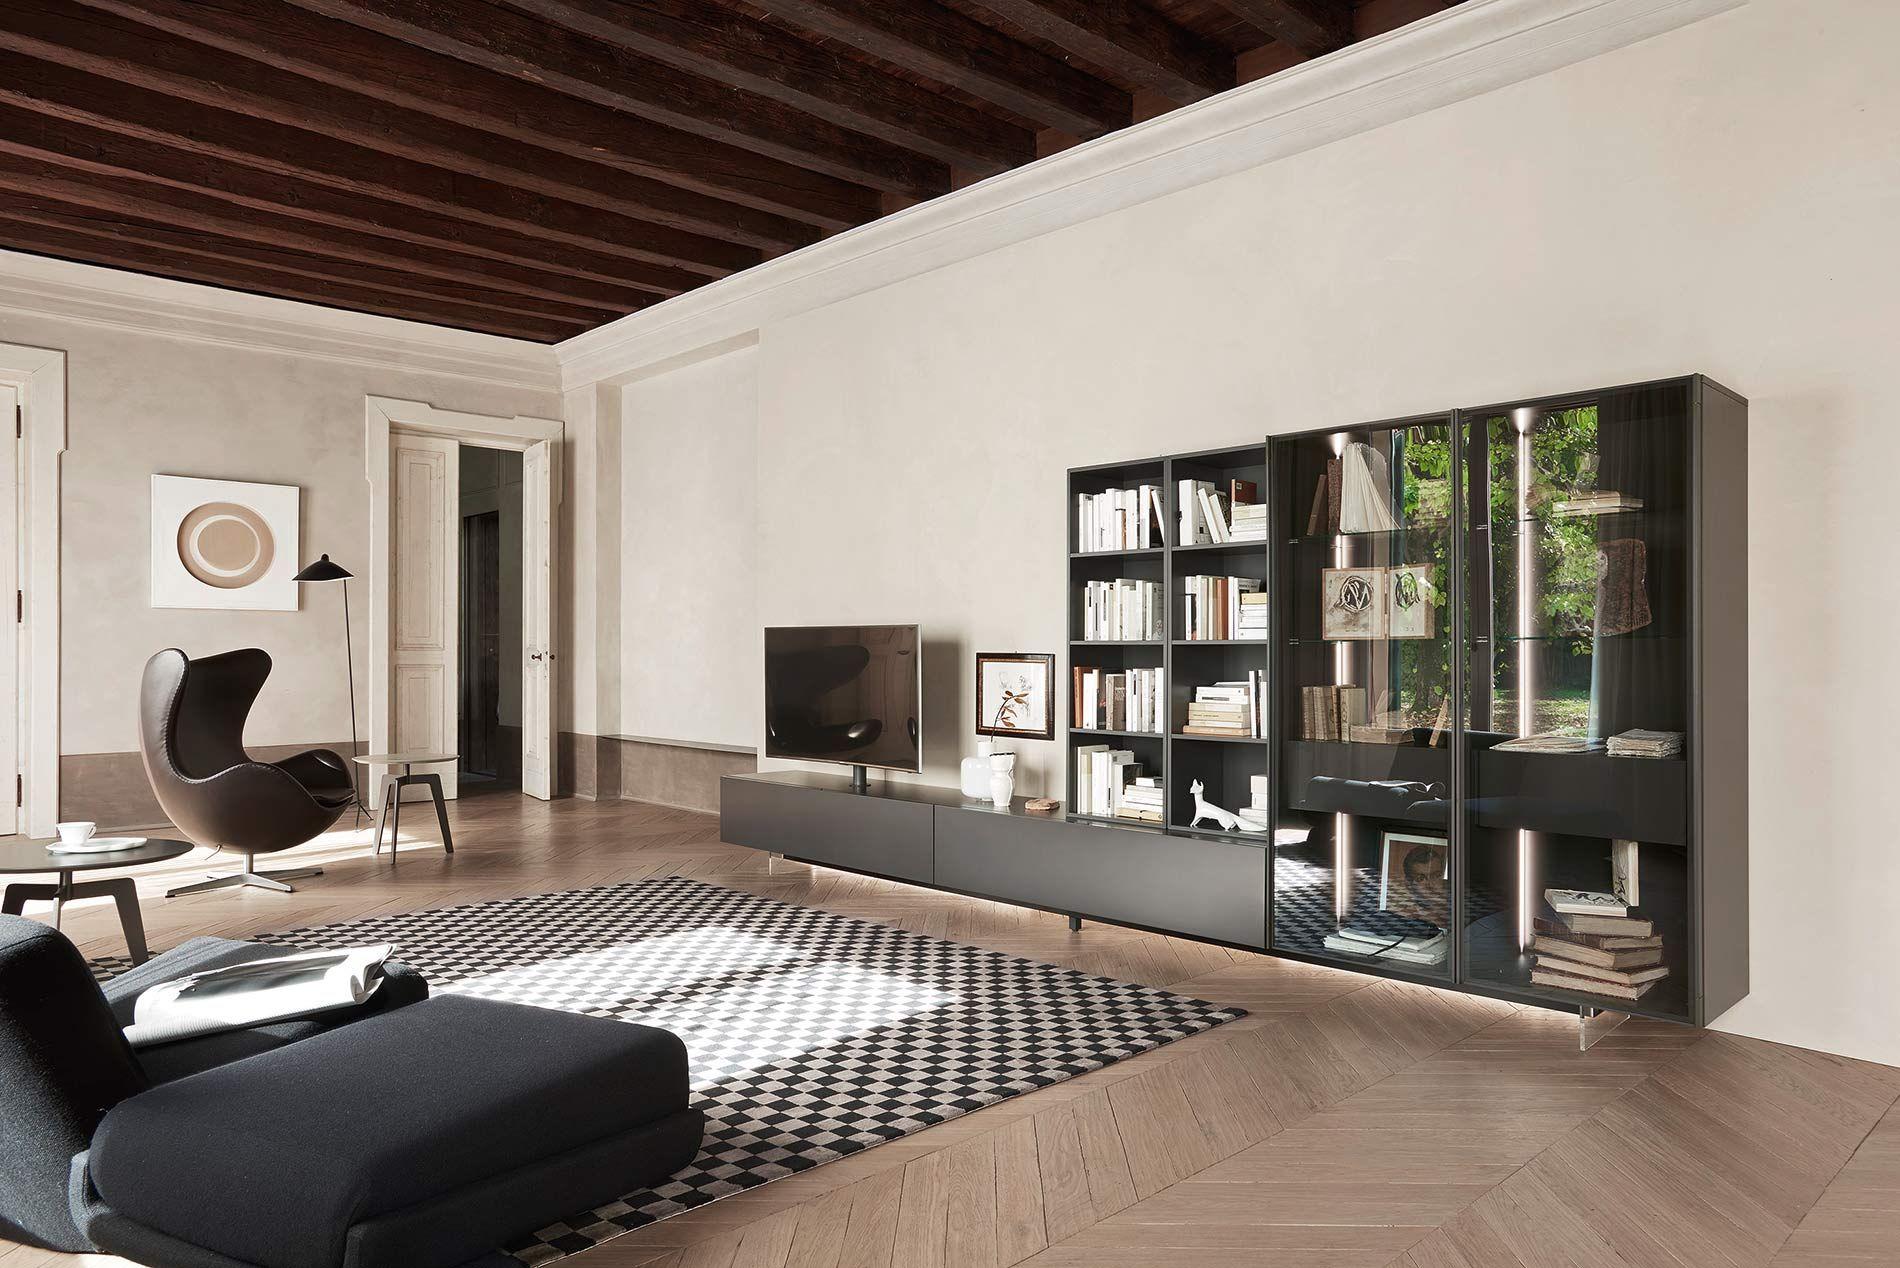 Moderne Wohnwand Mit Glasvitrine Von Livitalia. #Wohnwand #wallsystem  #wallunit #livingroom #